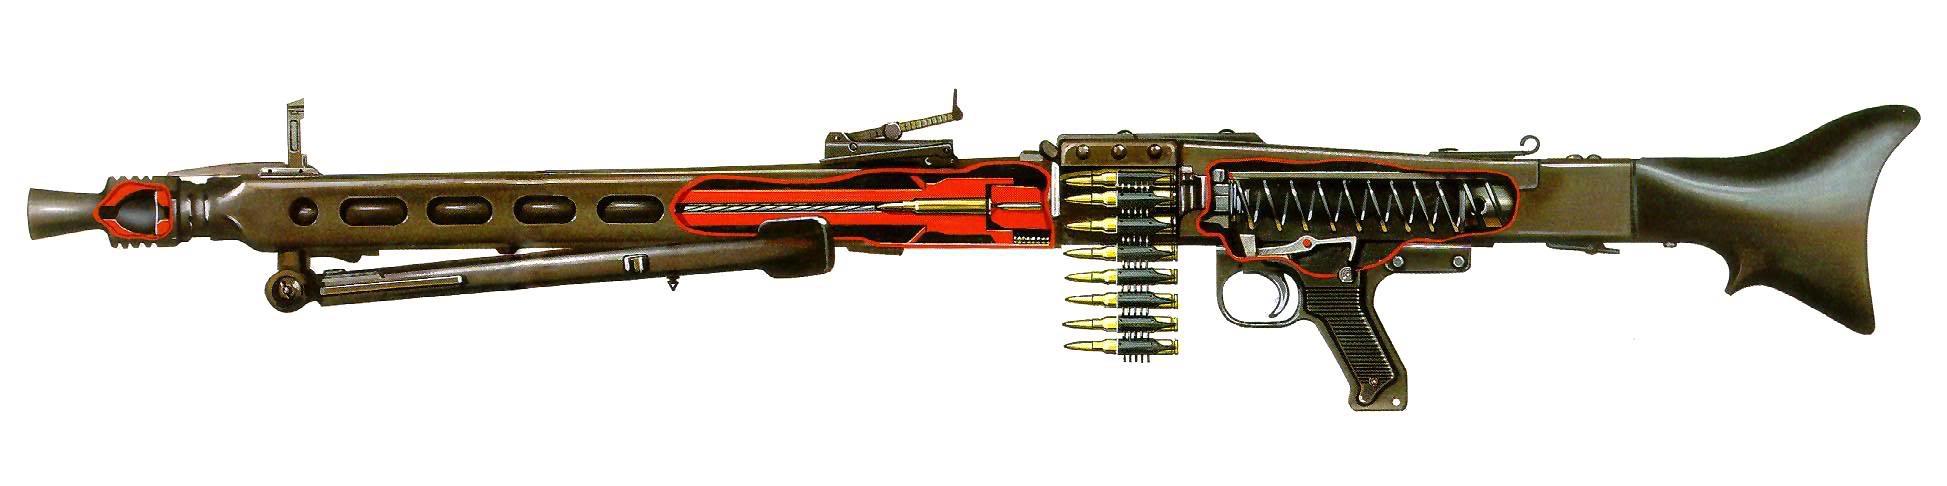 MG 42 cutaway